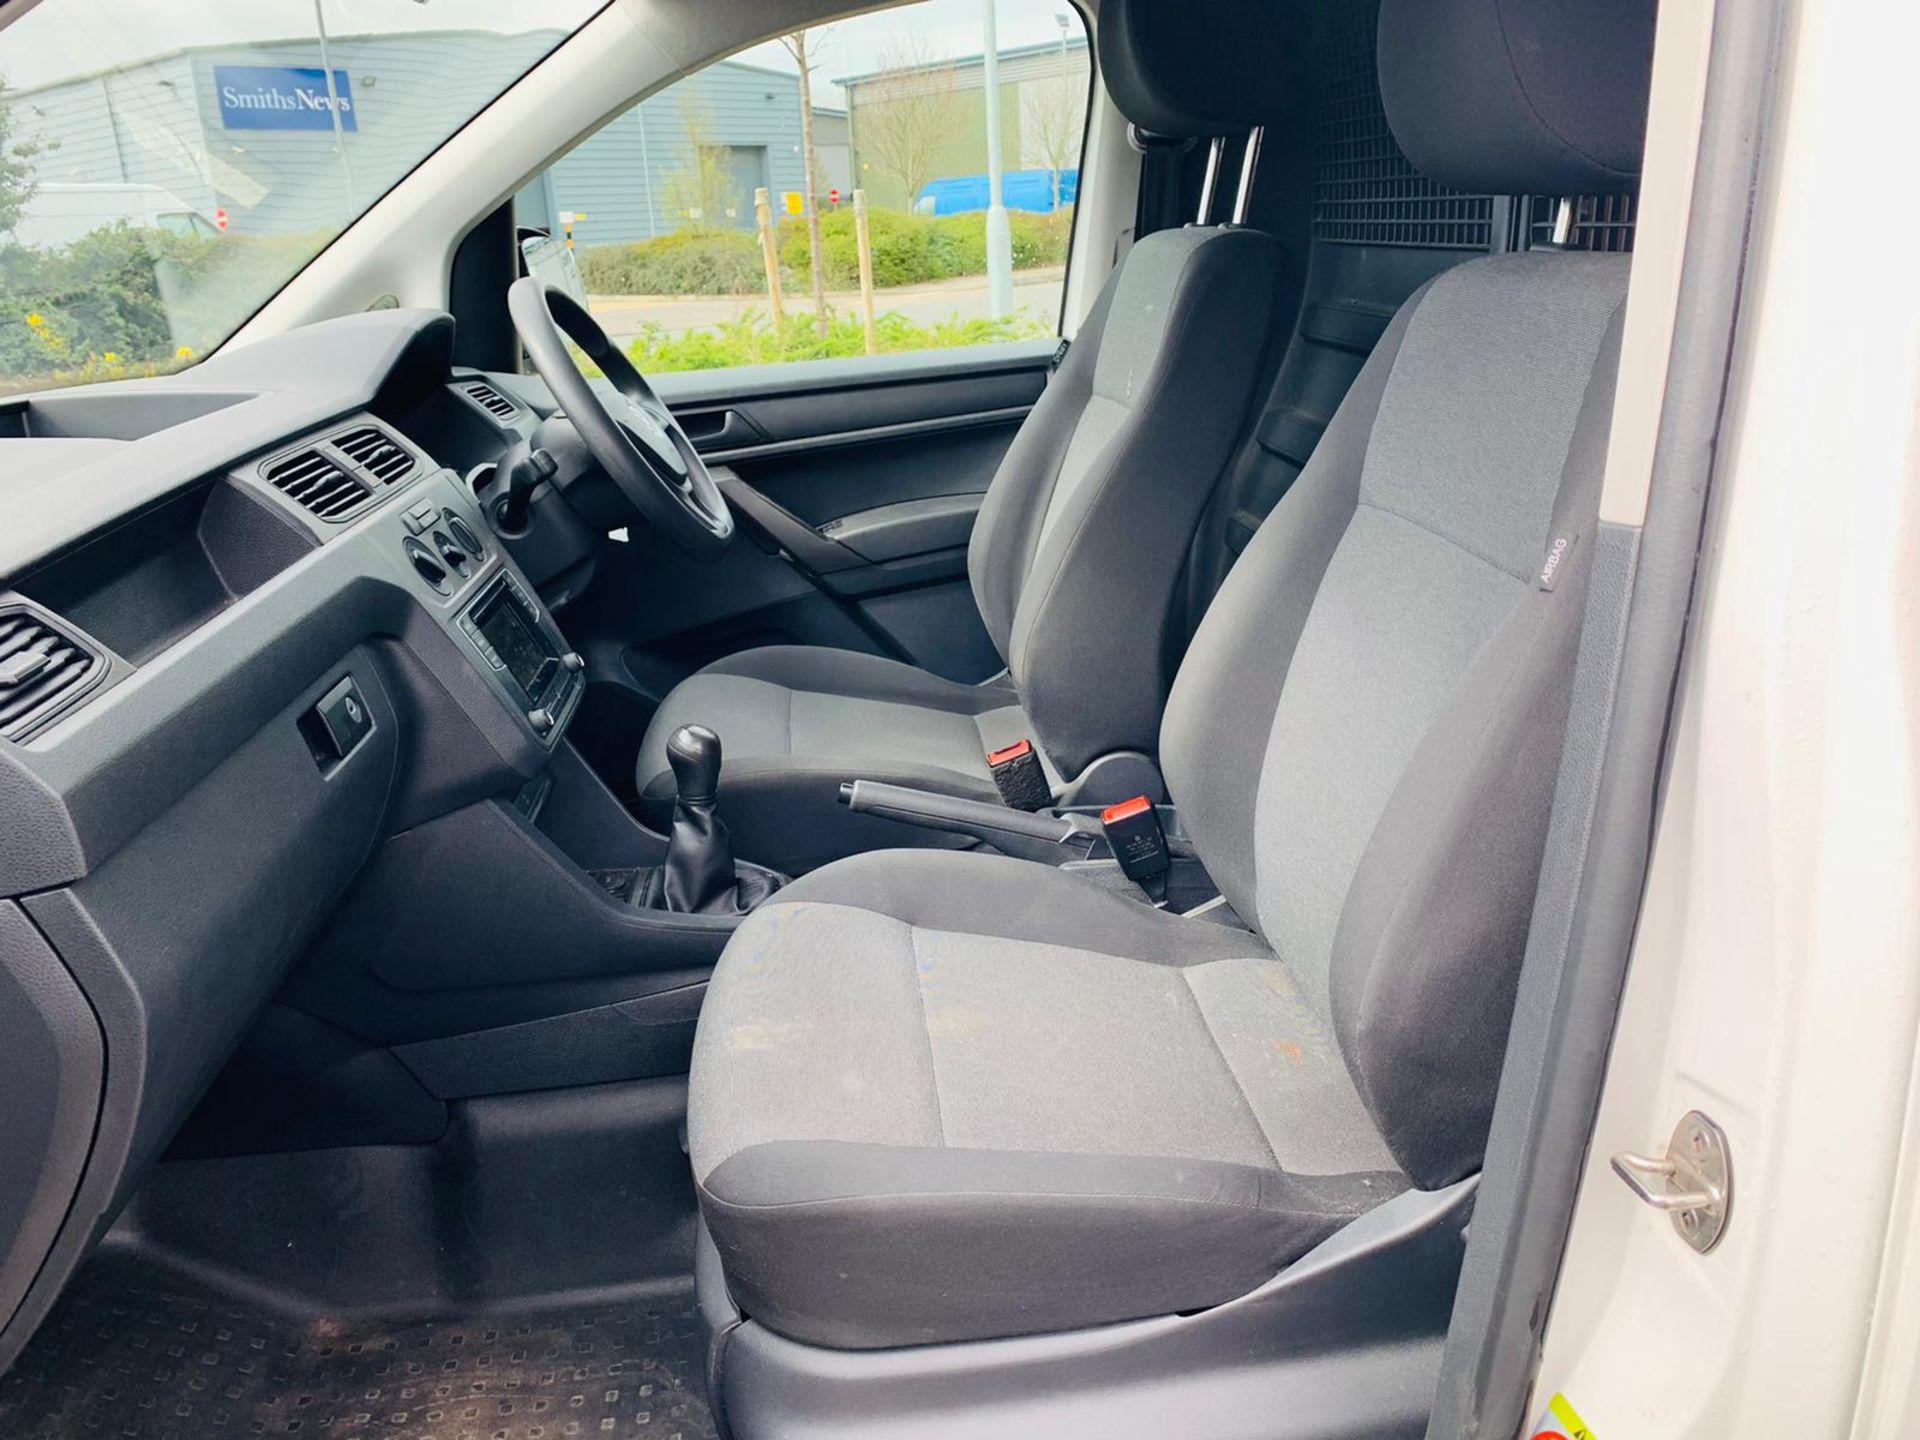 (RESERVE MET)Volkswagen (VW) Caddy 2.0 TDI C20 Startline - 2017 17 Reg - Euro 6 - ULEZ Compliant - - Image 11 of 20